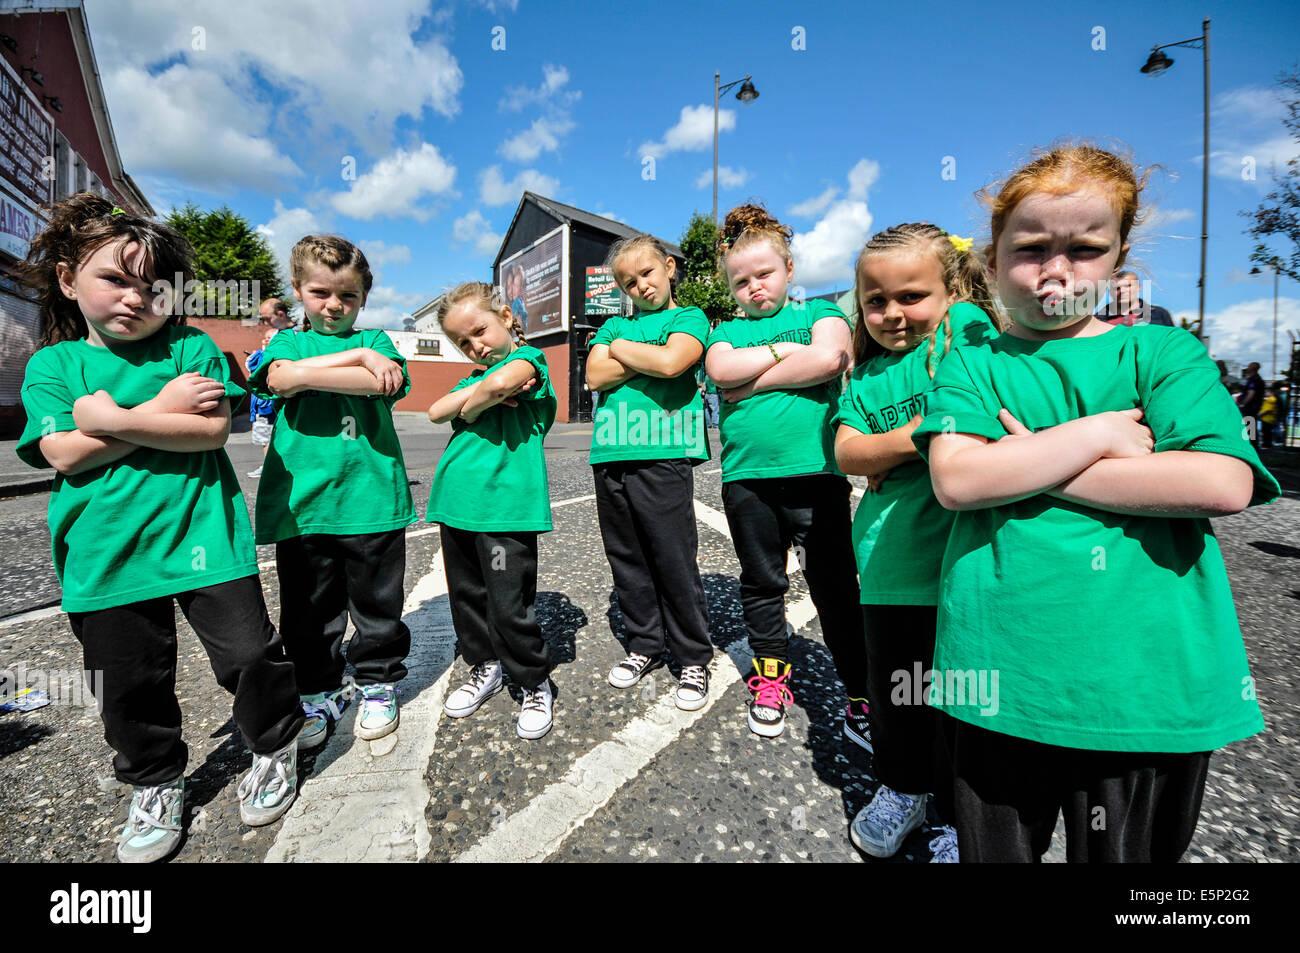 """Belfast, Nordirland. 3. August 2014. Sieben junge Mädchen zeigen """"Haltung"""" während die Feile Stockbild"""